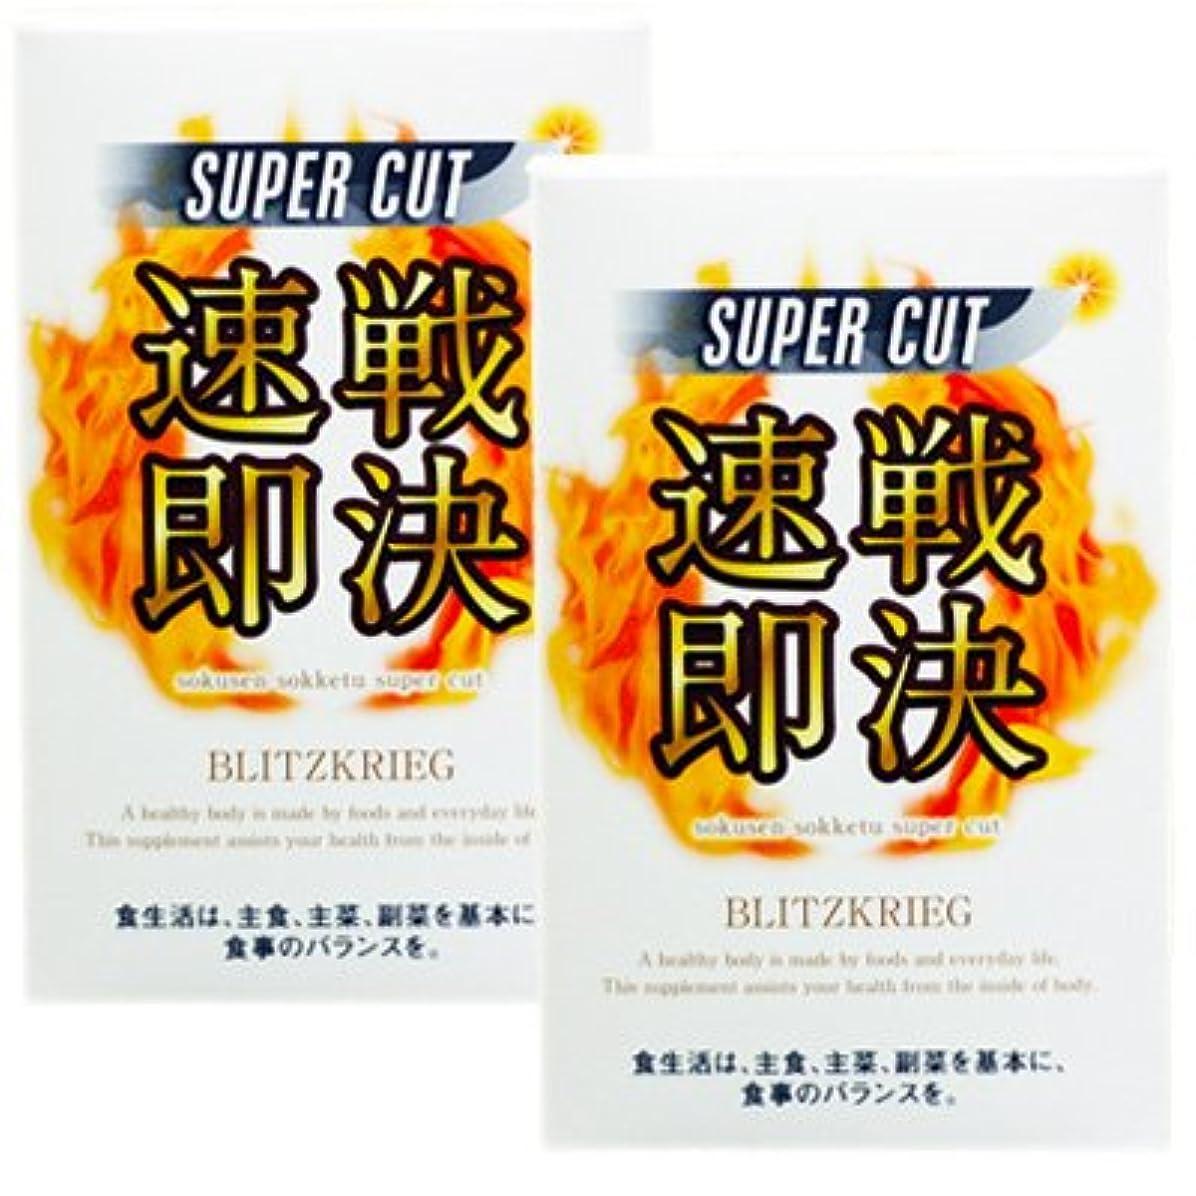 満員後方に失望させる速戦即決 スーパーカット2個セット! そくせんそっけつ×2個 SUPER CUT